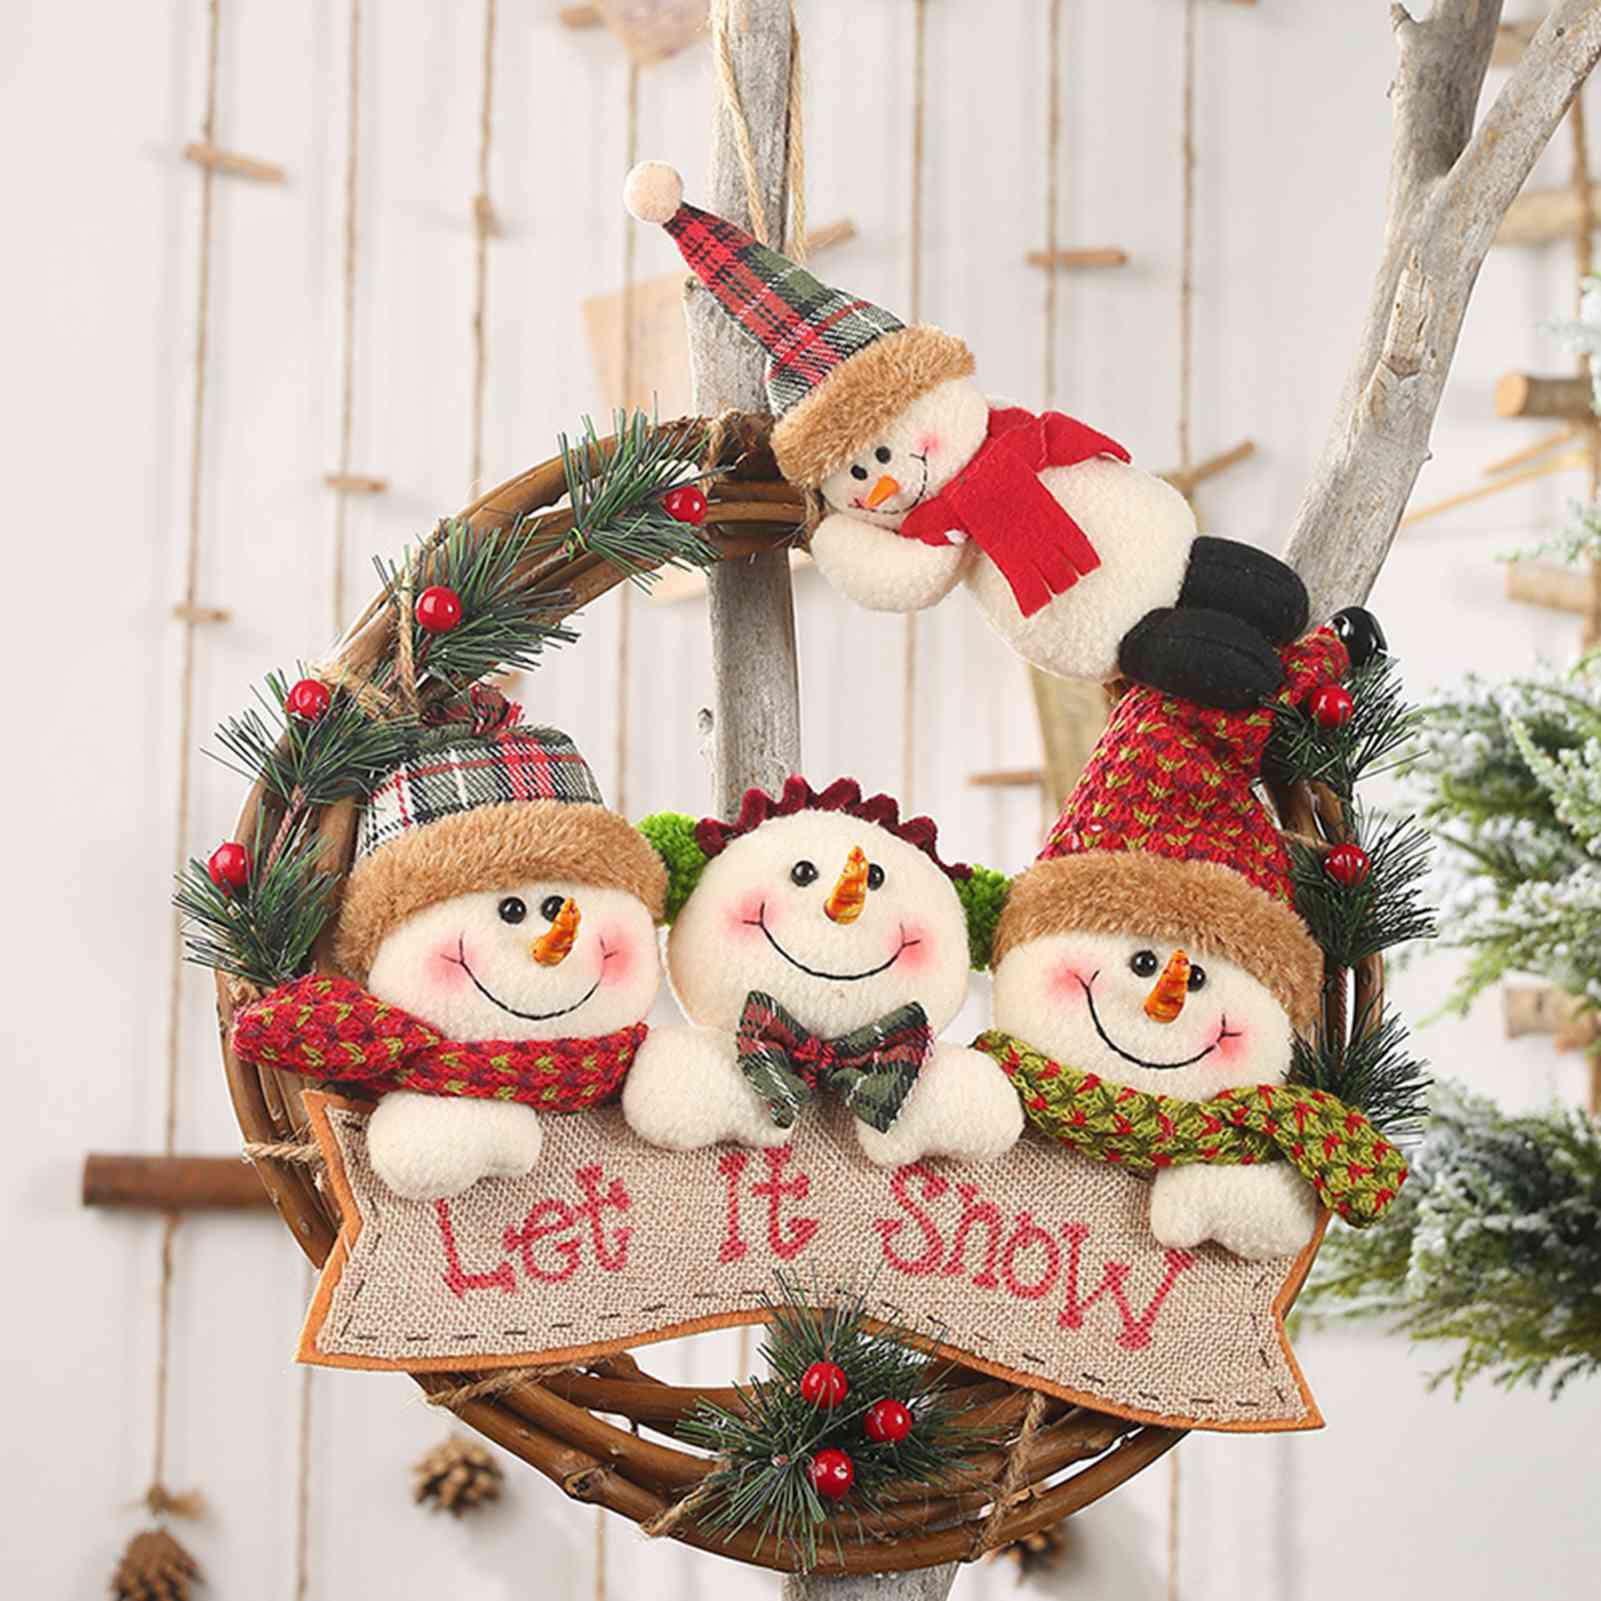 Cây Mây Giáng Sinh Mặt Dây Chuyền Nai Sừng Tấm Người Tuyết Hình Tròn Ông Già Noel Đồ Trang Trí Treo Tường